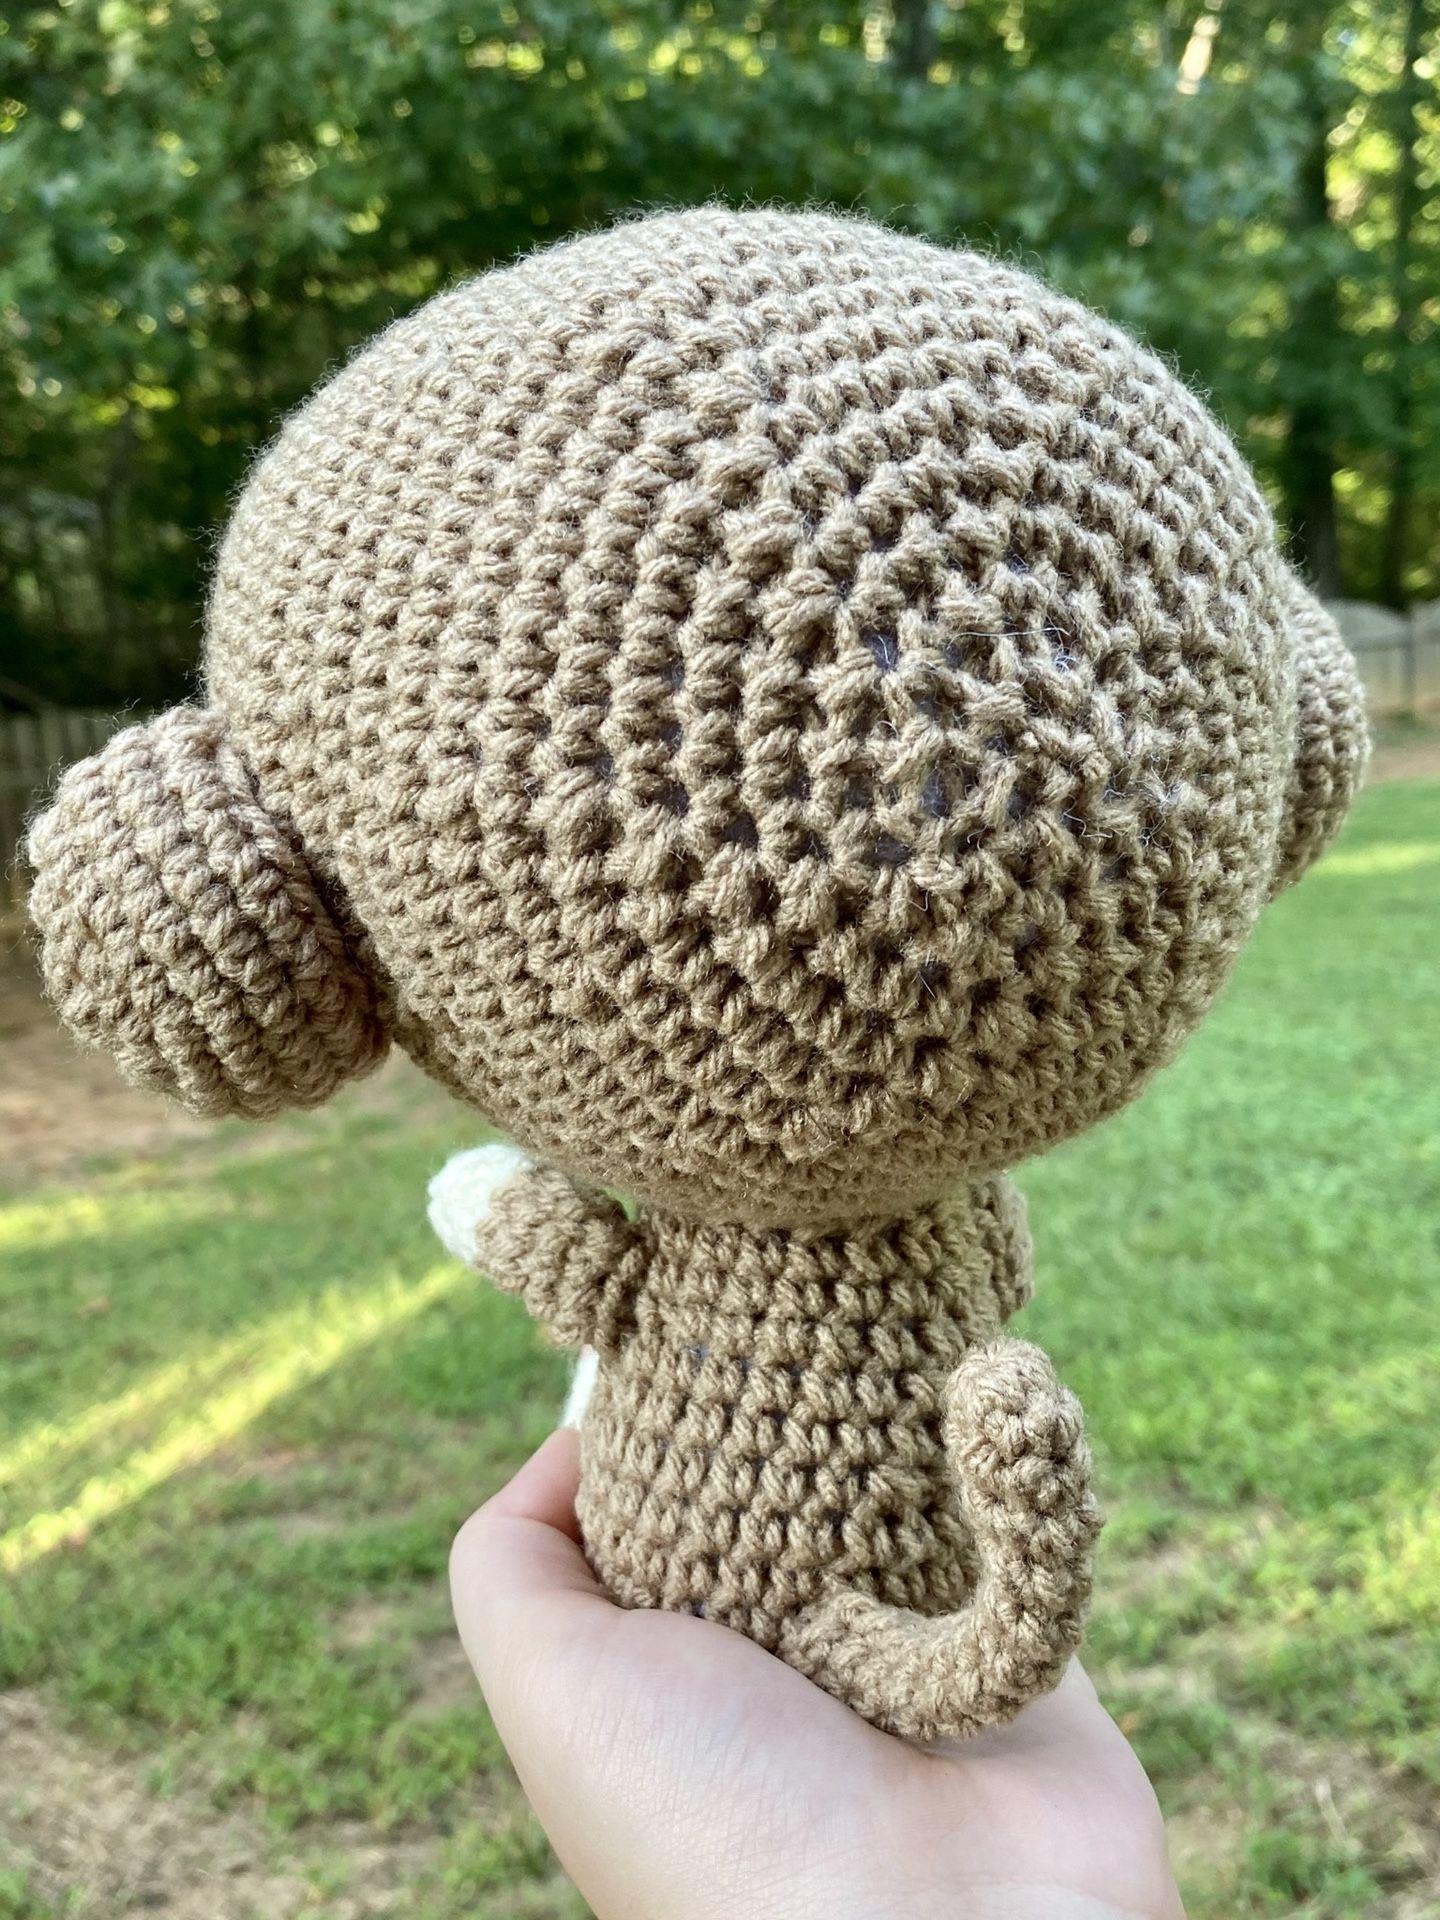 Handmade Monkey Stuffed Animal